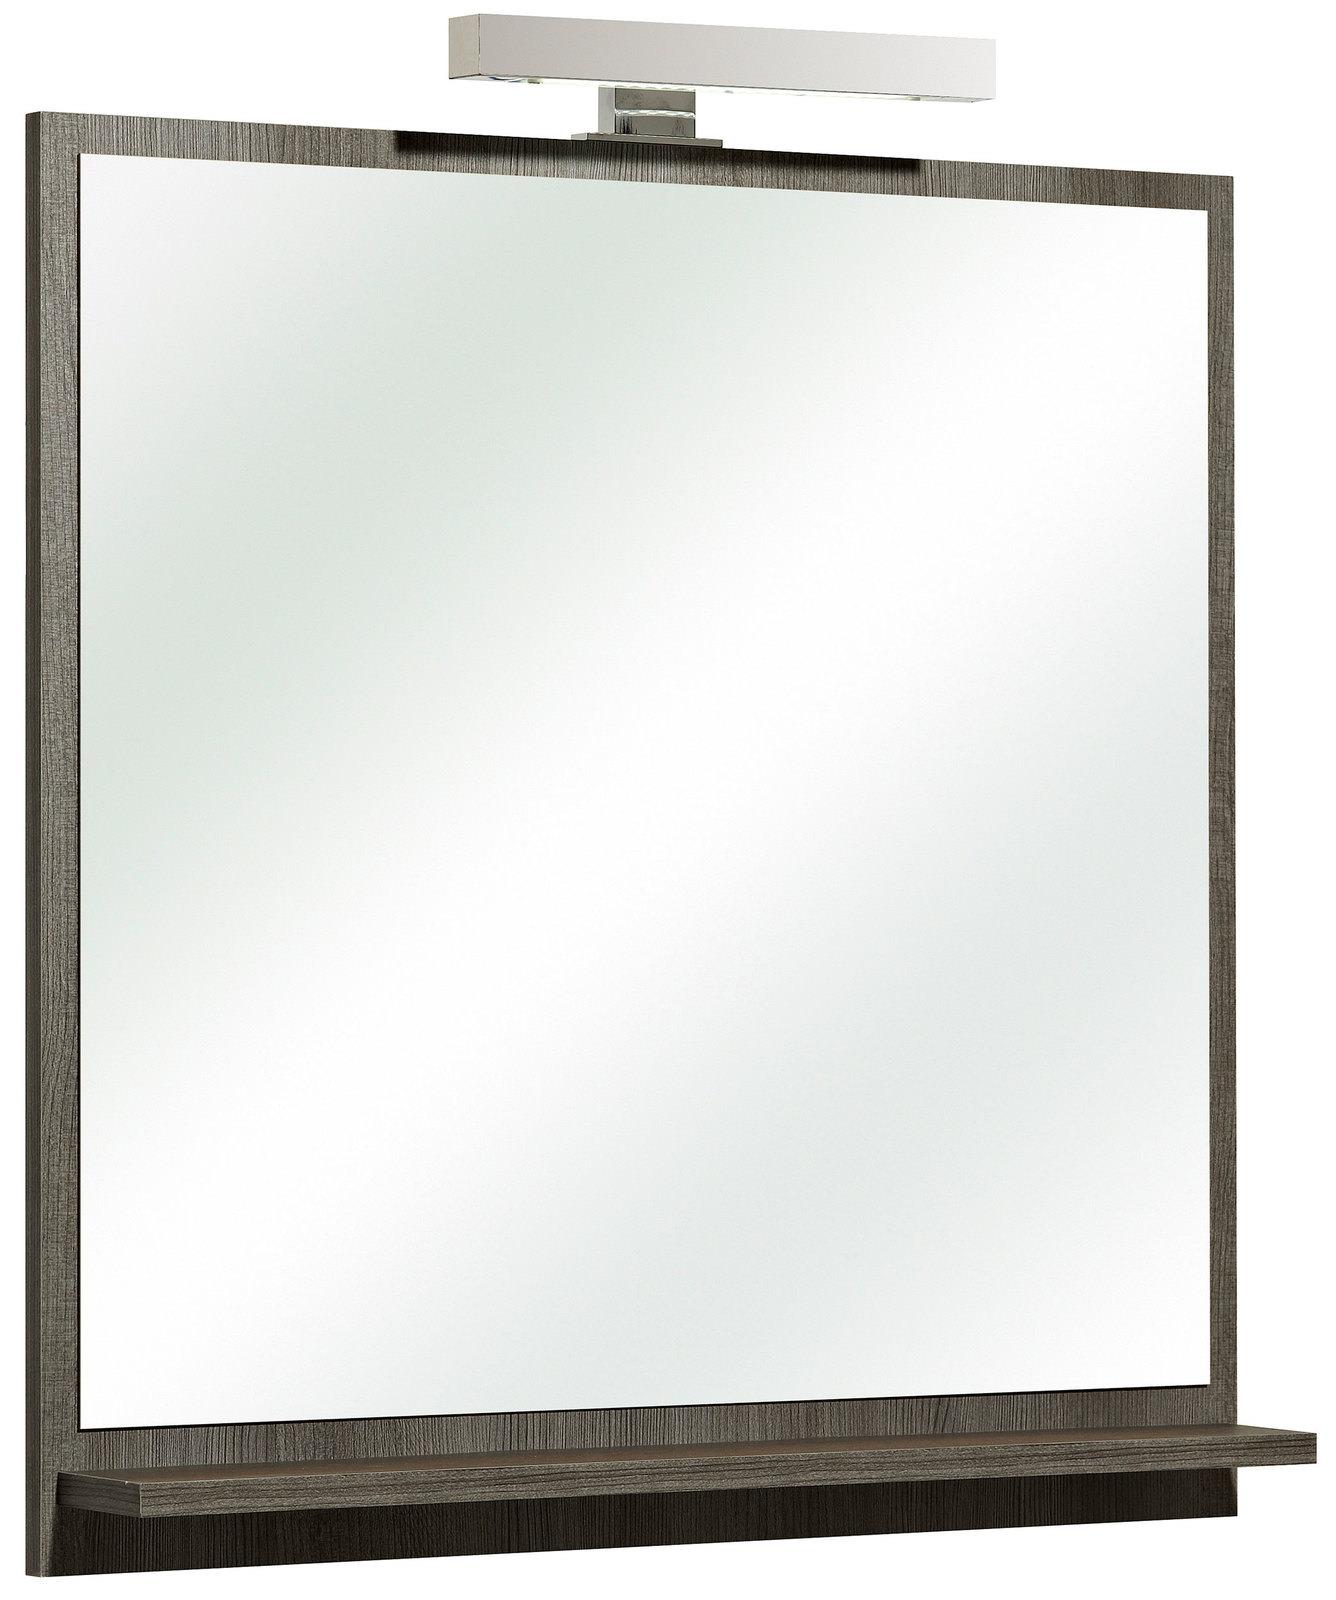 vito spiegel mit ablage online entdecken knuffmann ihr m belhaus. Black Bedroom Furniture Sets. Home Design Ideas